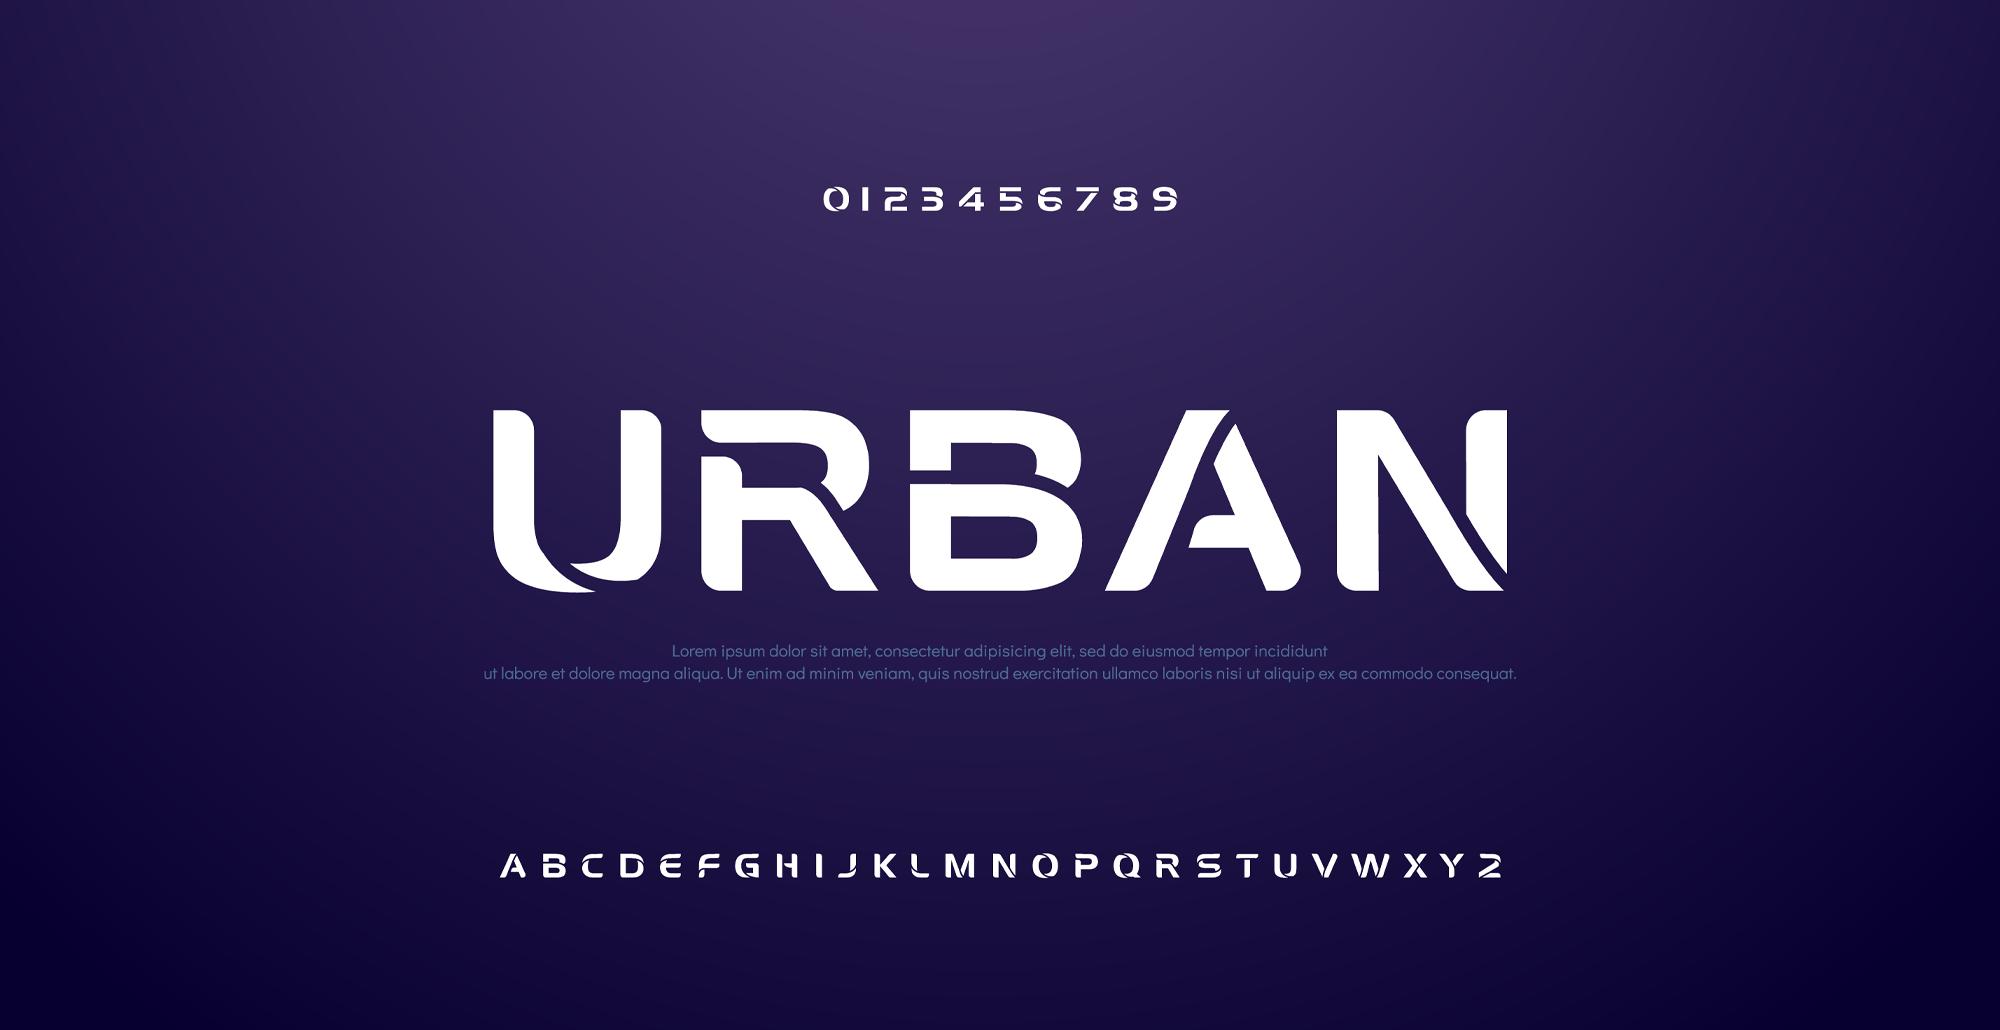 دانلود فونت تایپوگرافی انگلیسی Urban